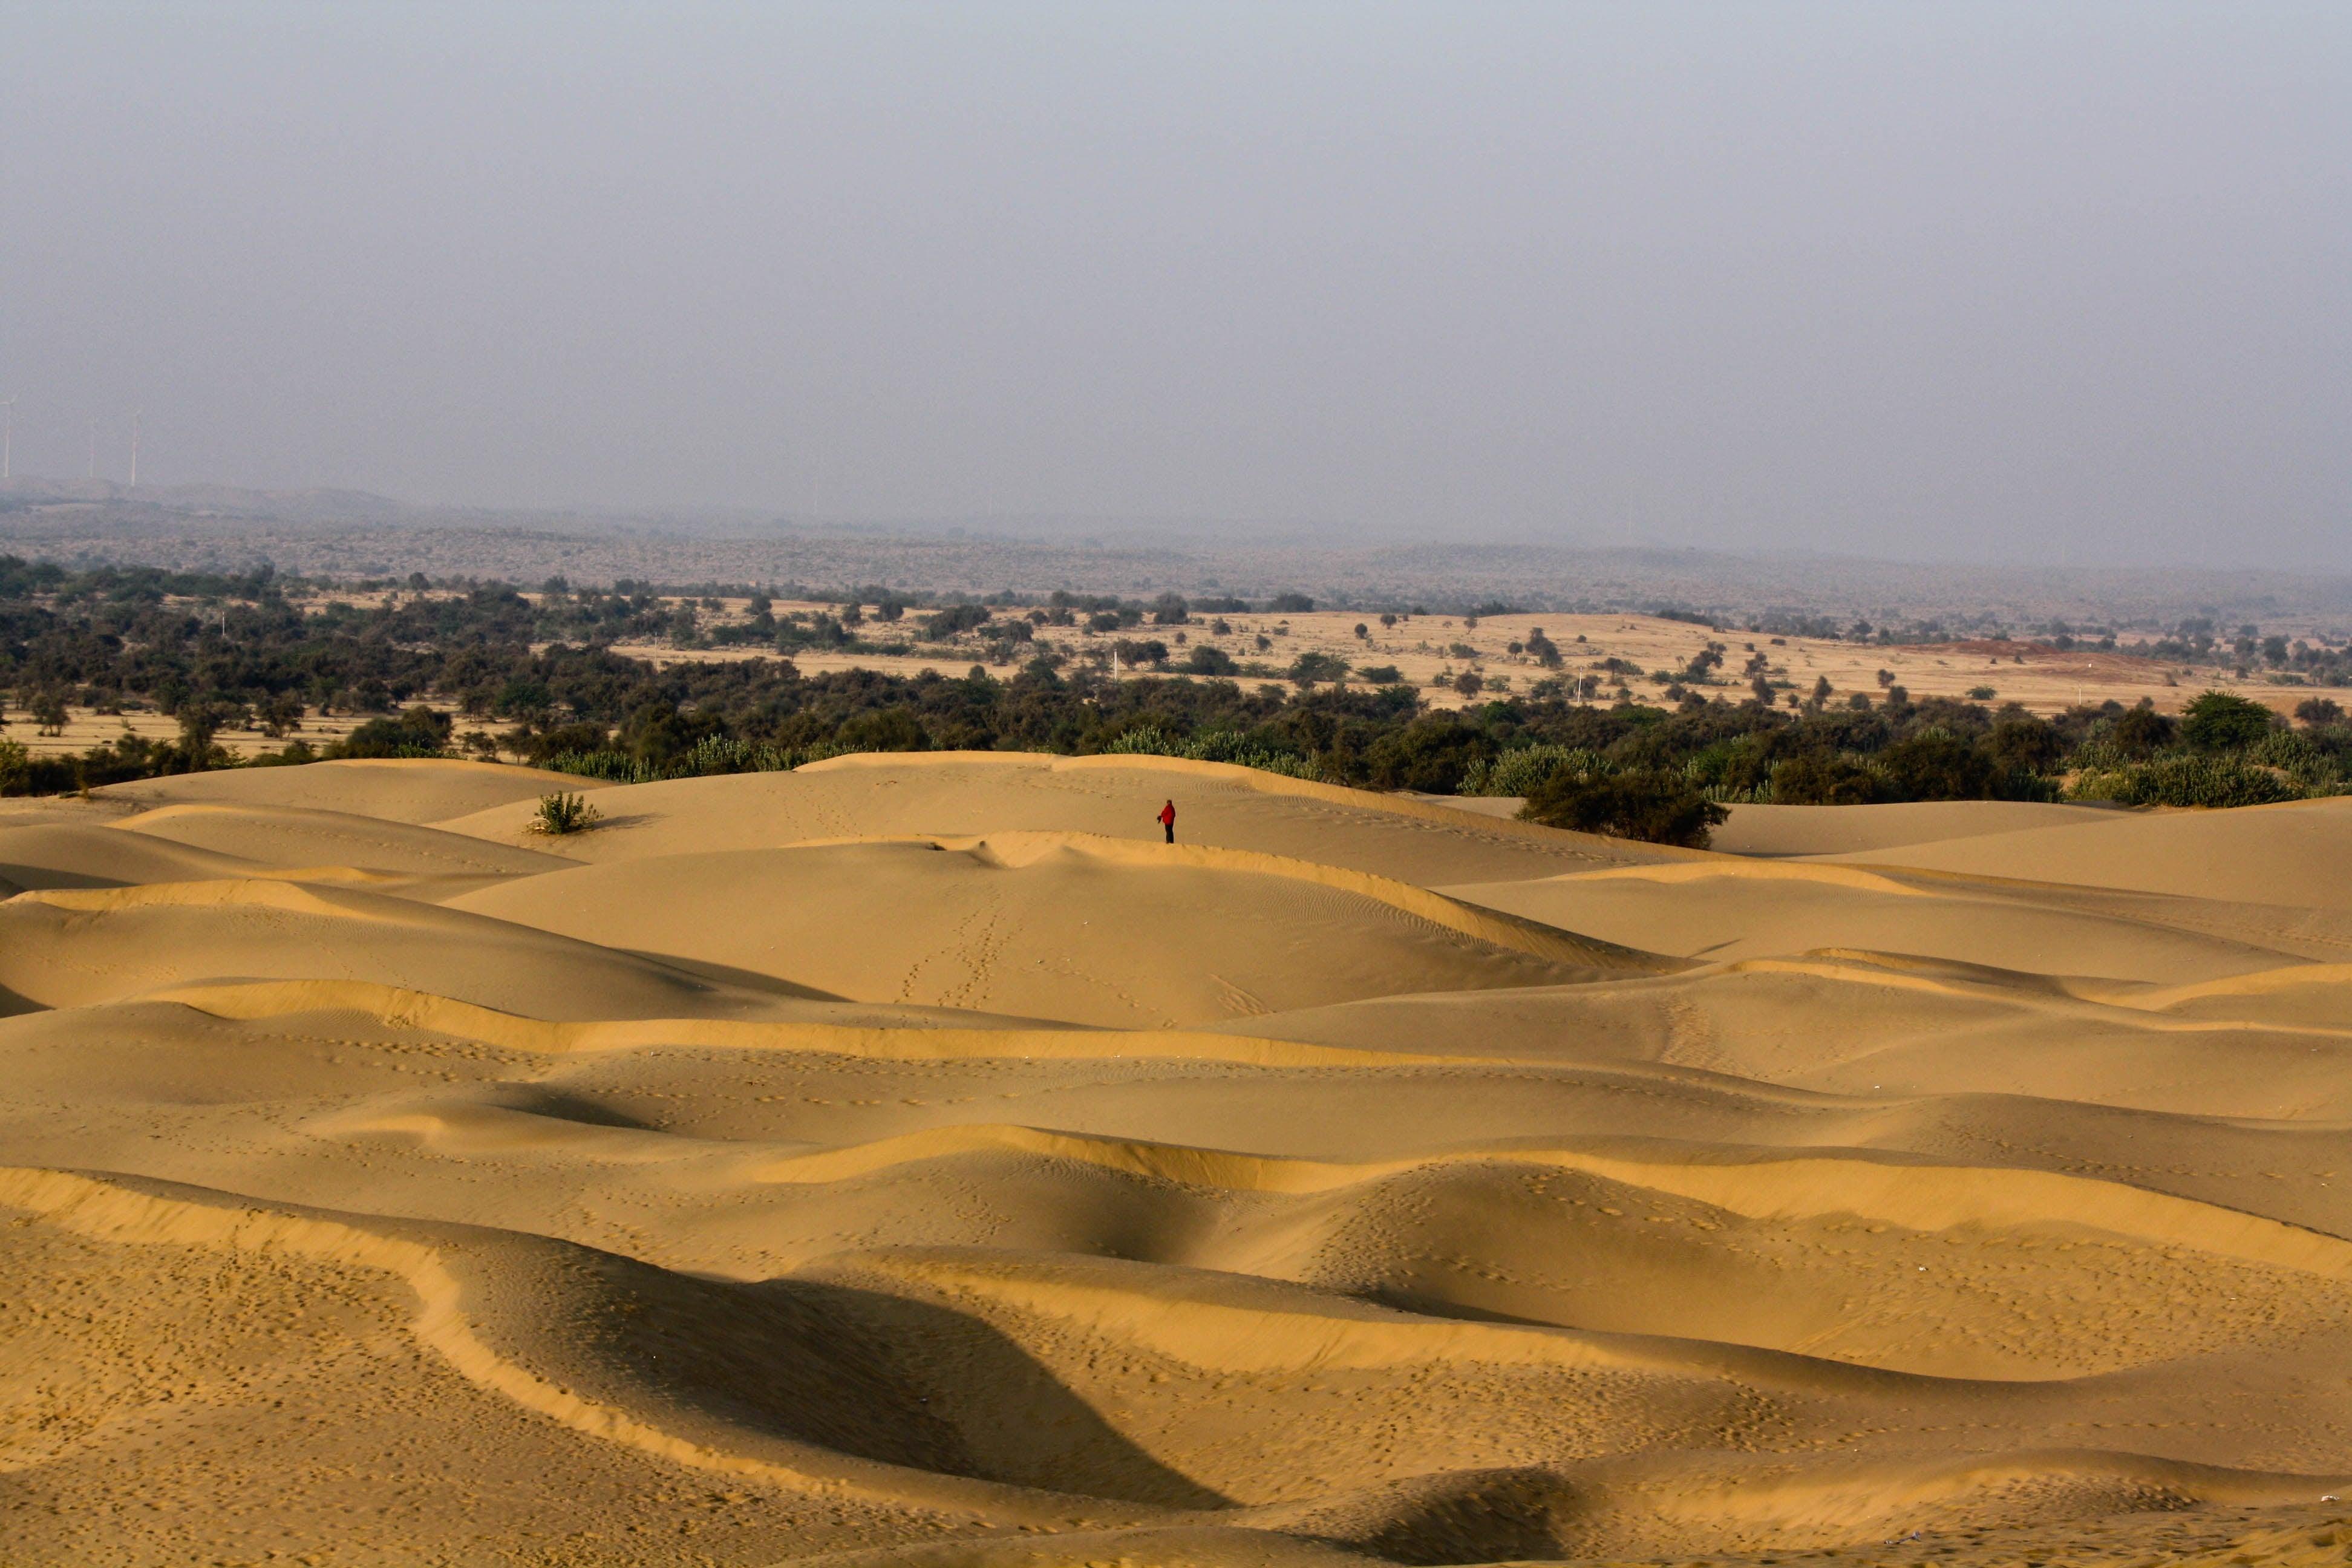 Guy films himself having an LSD trip in the middle of the desert